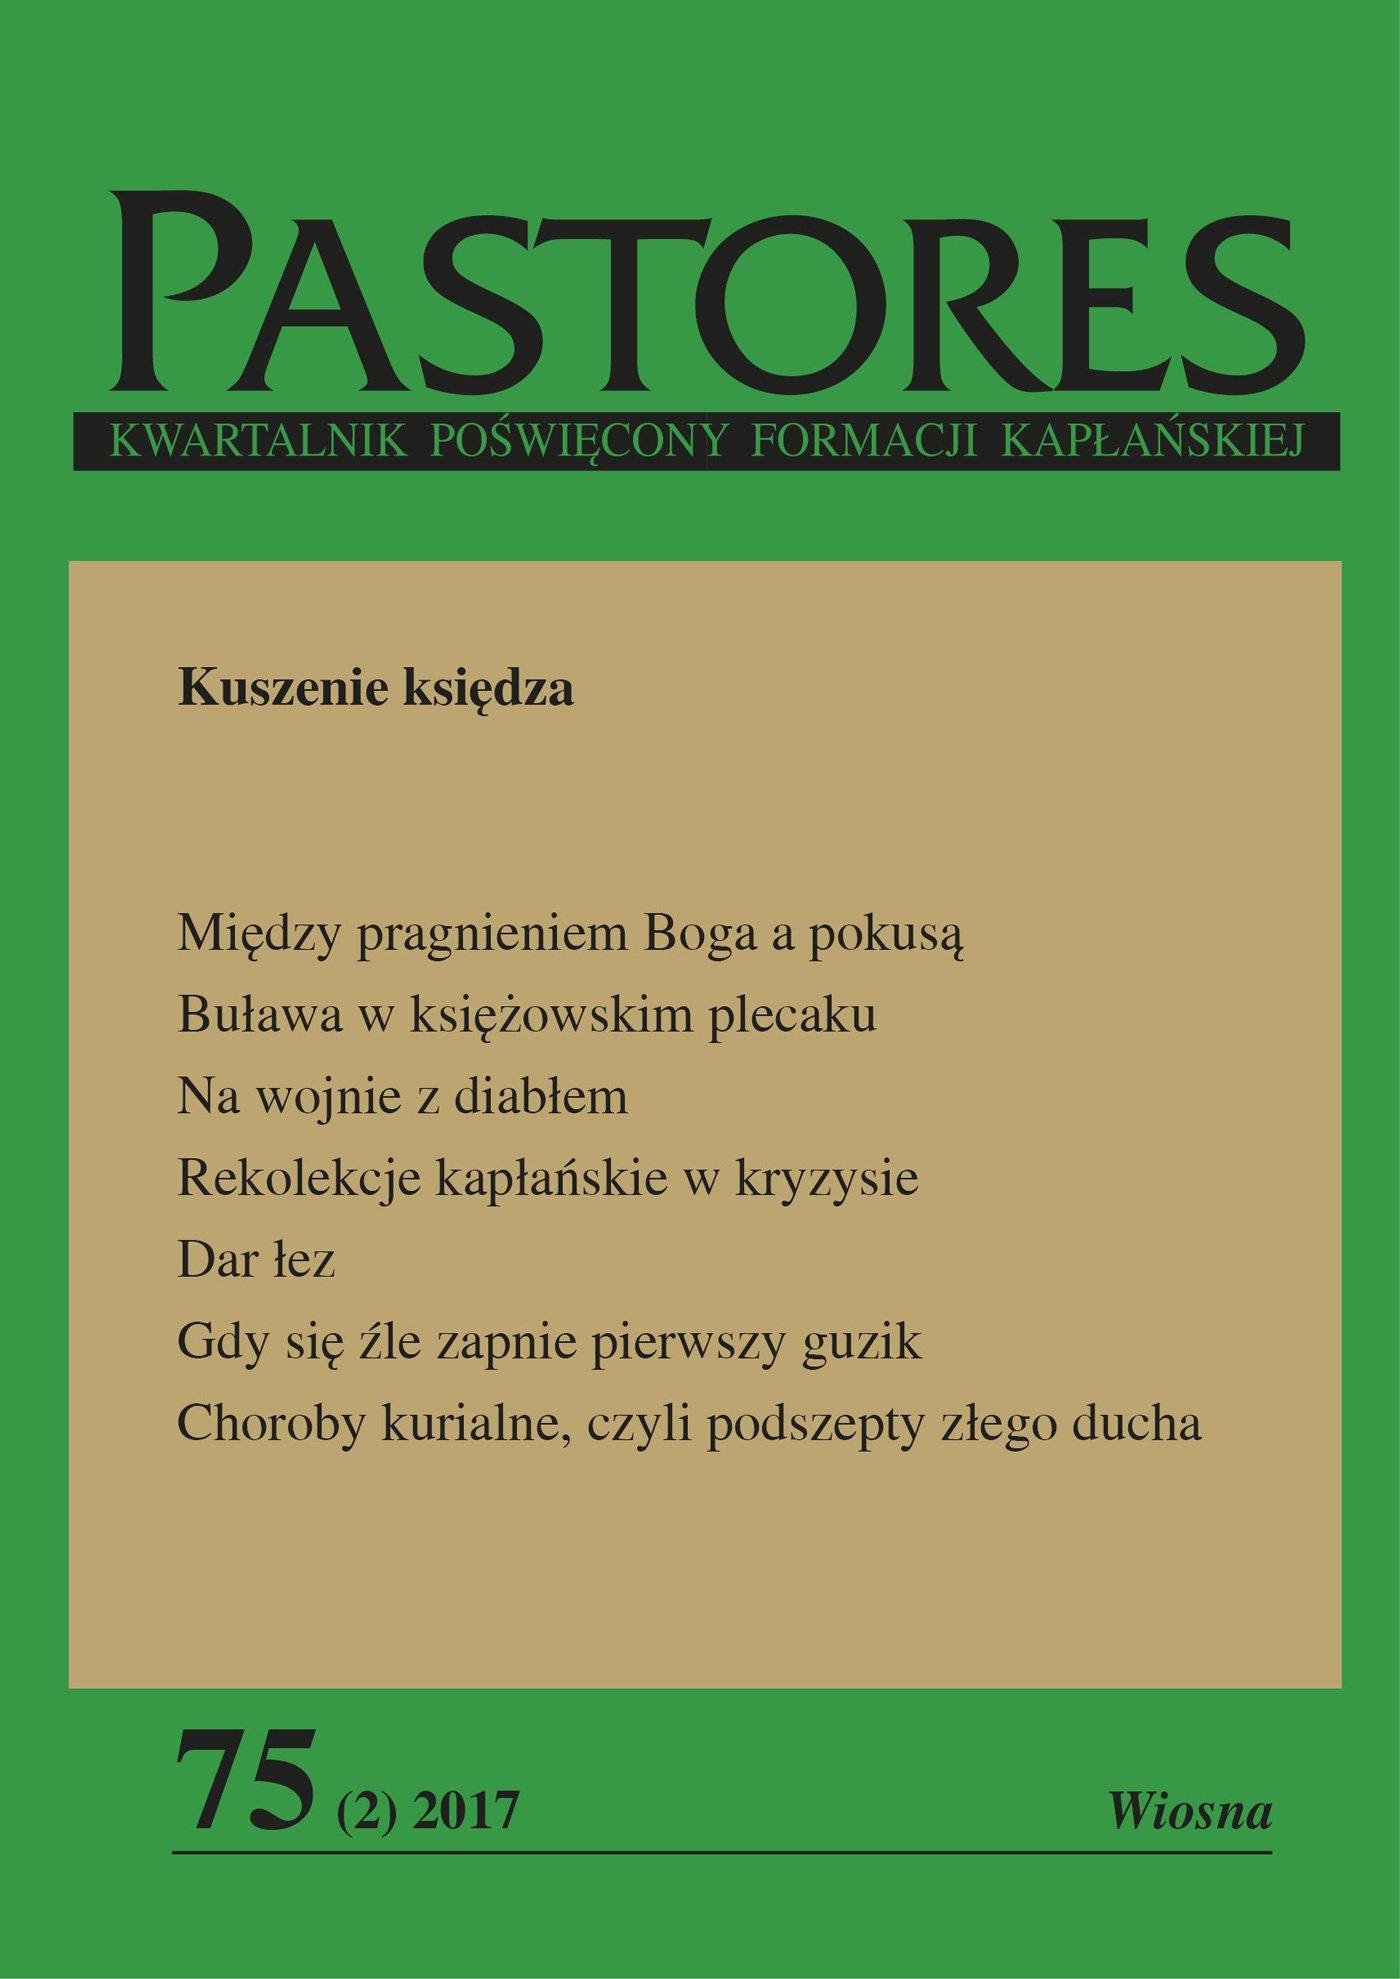 Pastores 75 (2) 2017 - Ebook (Książka EPUB) do pobrania w formacie EPUB